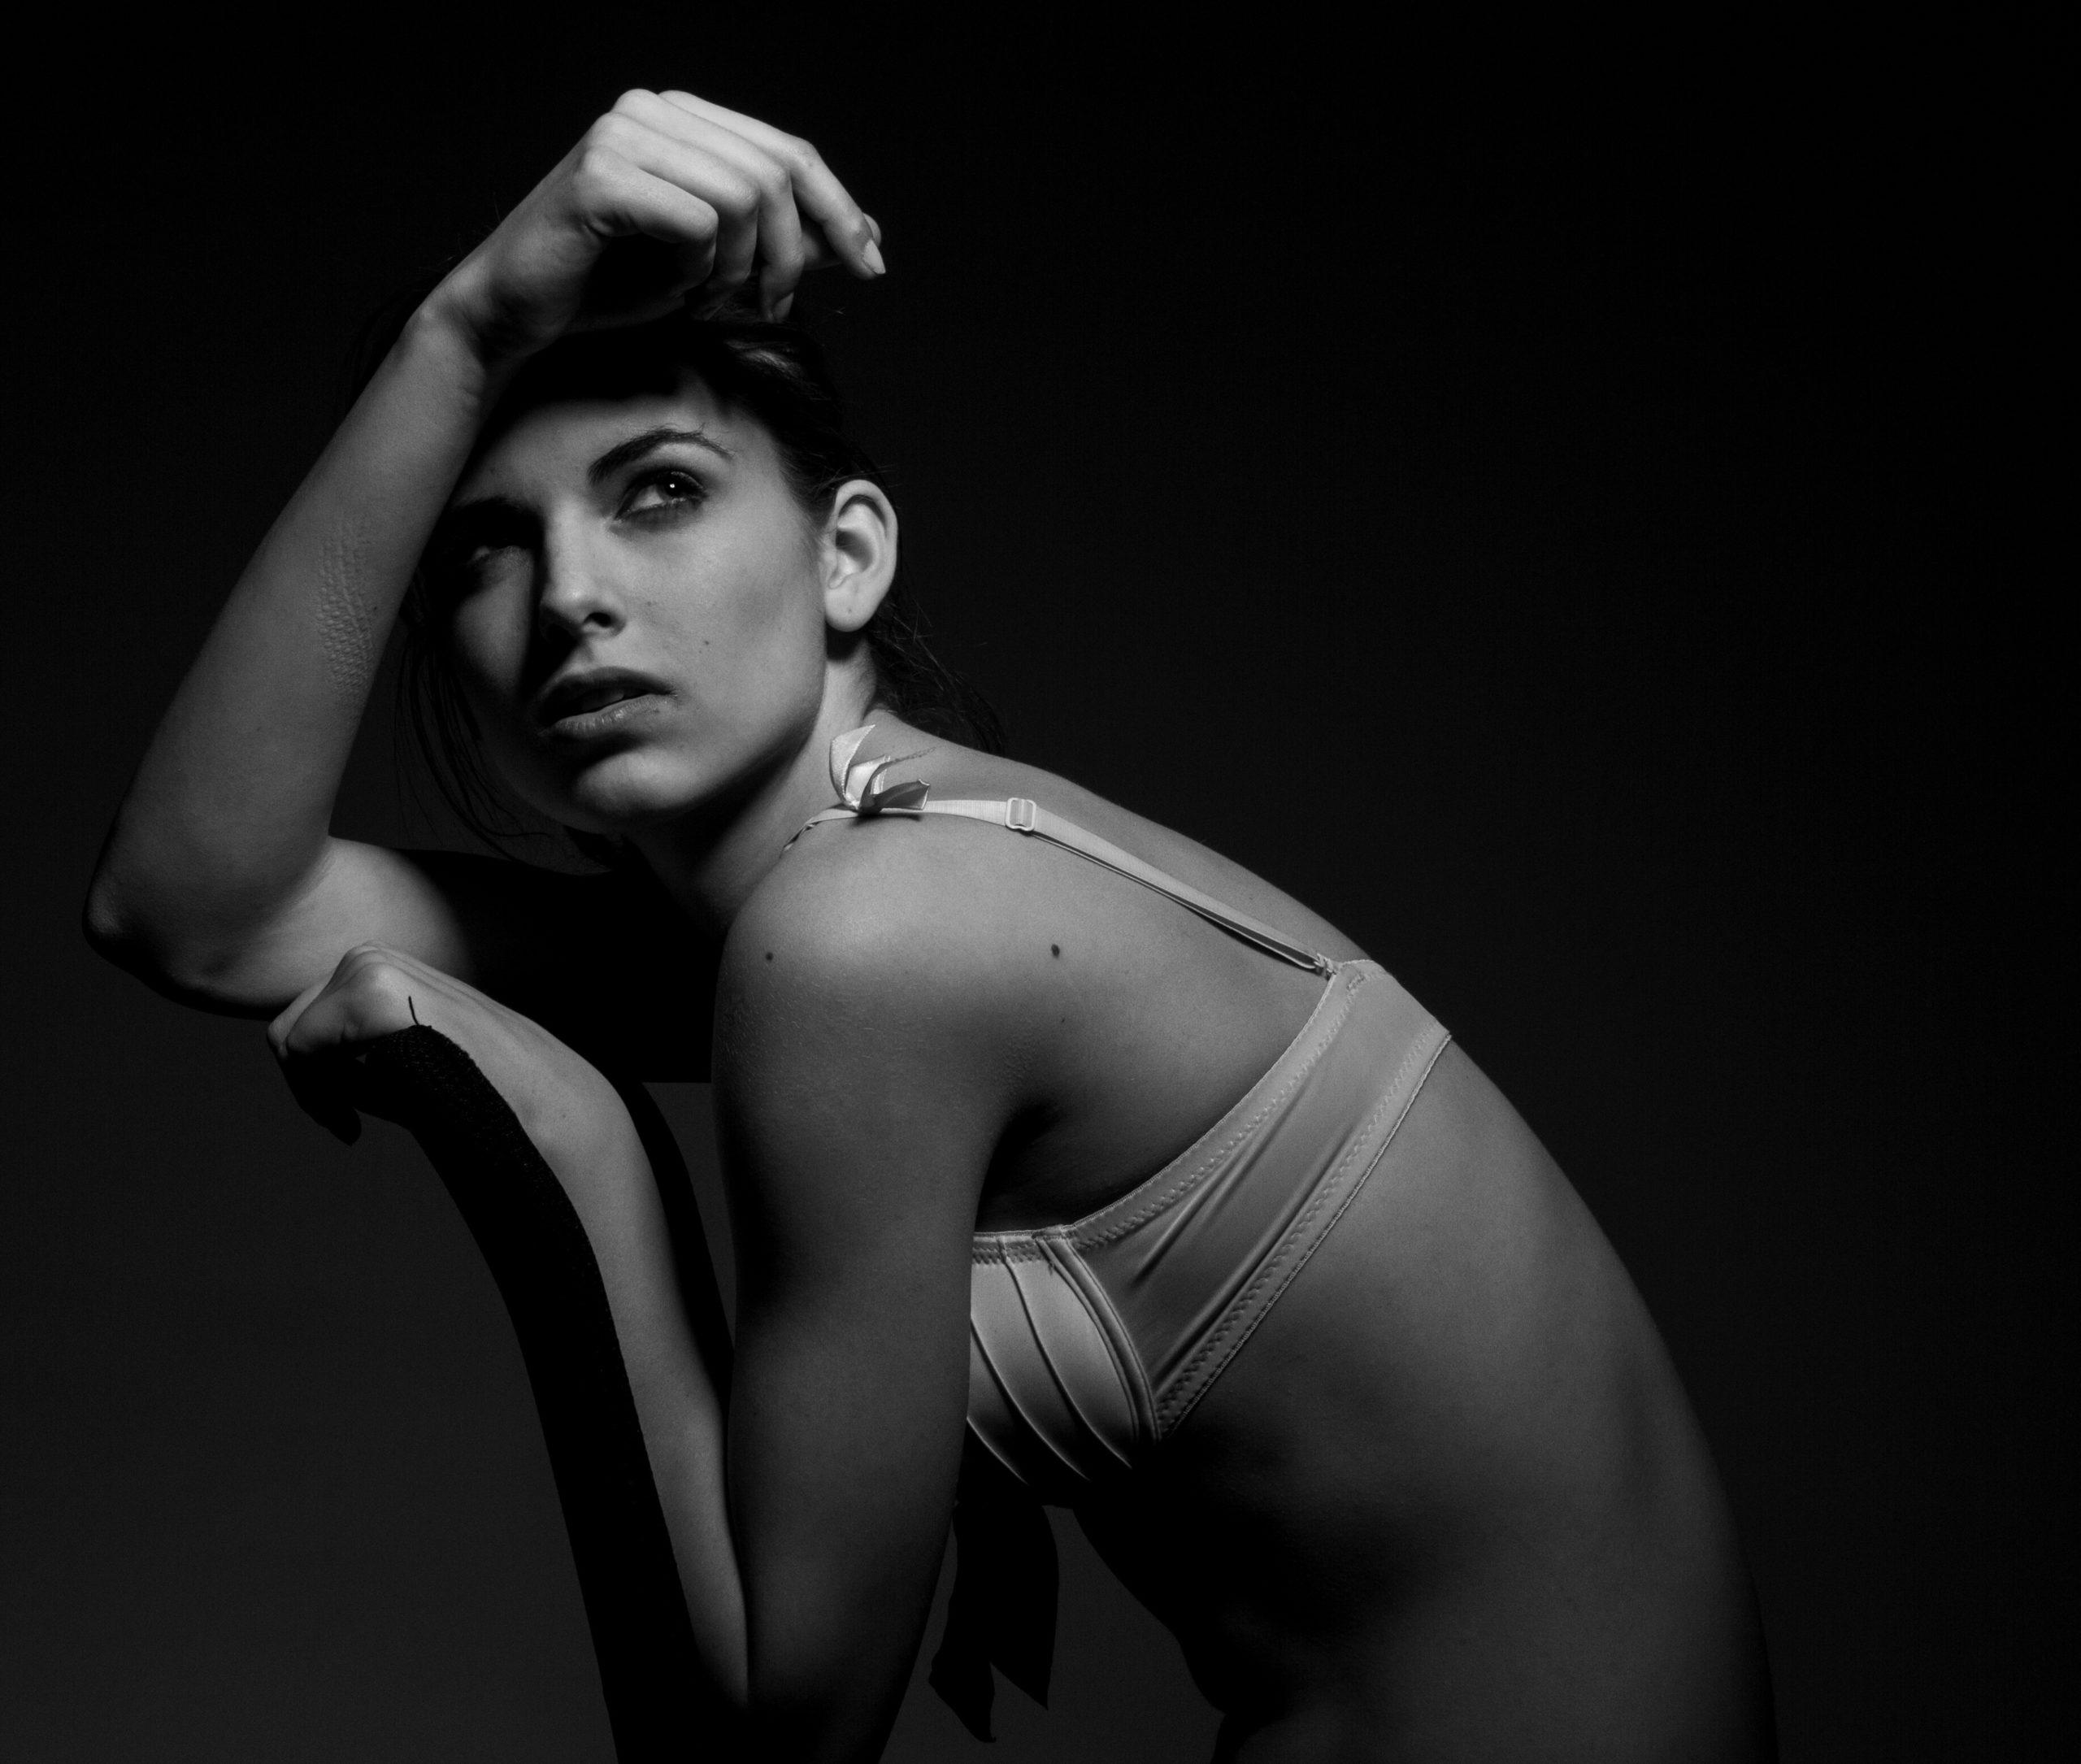 fotografo boudoir alicante